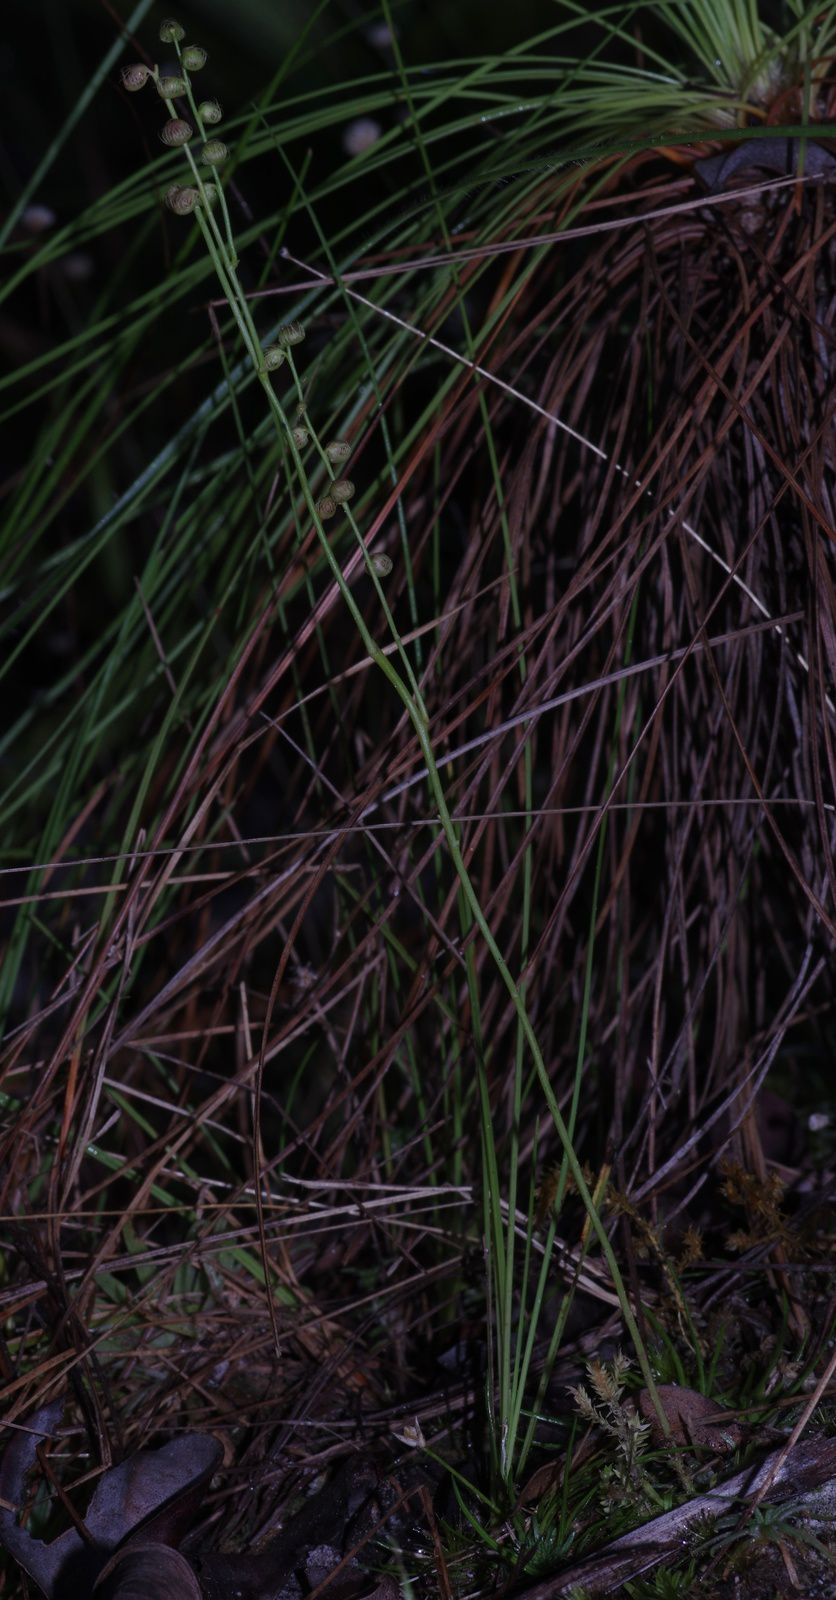 Utricularia longiciliata